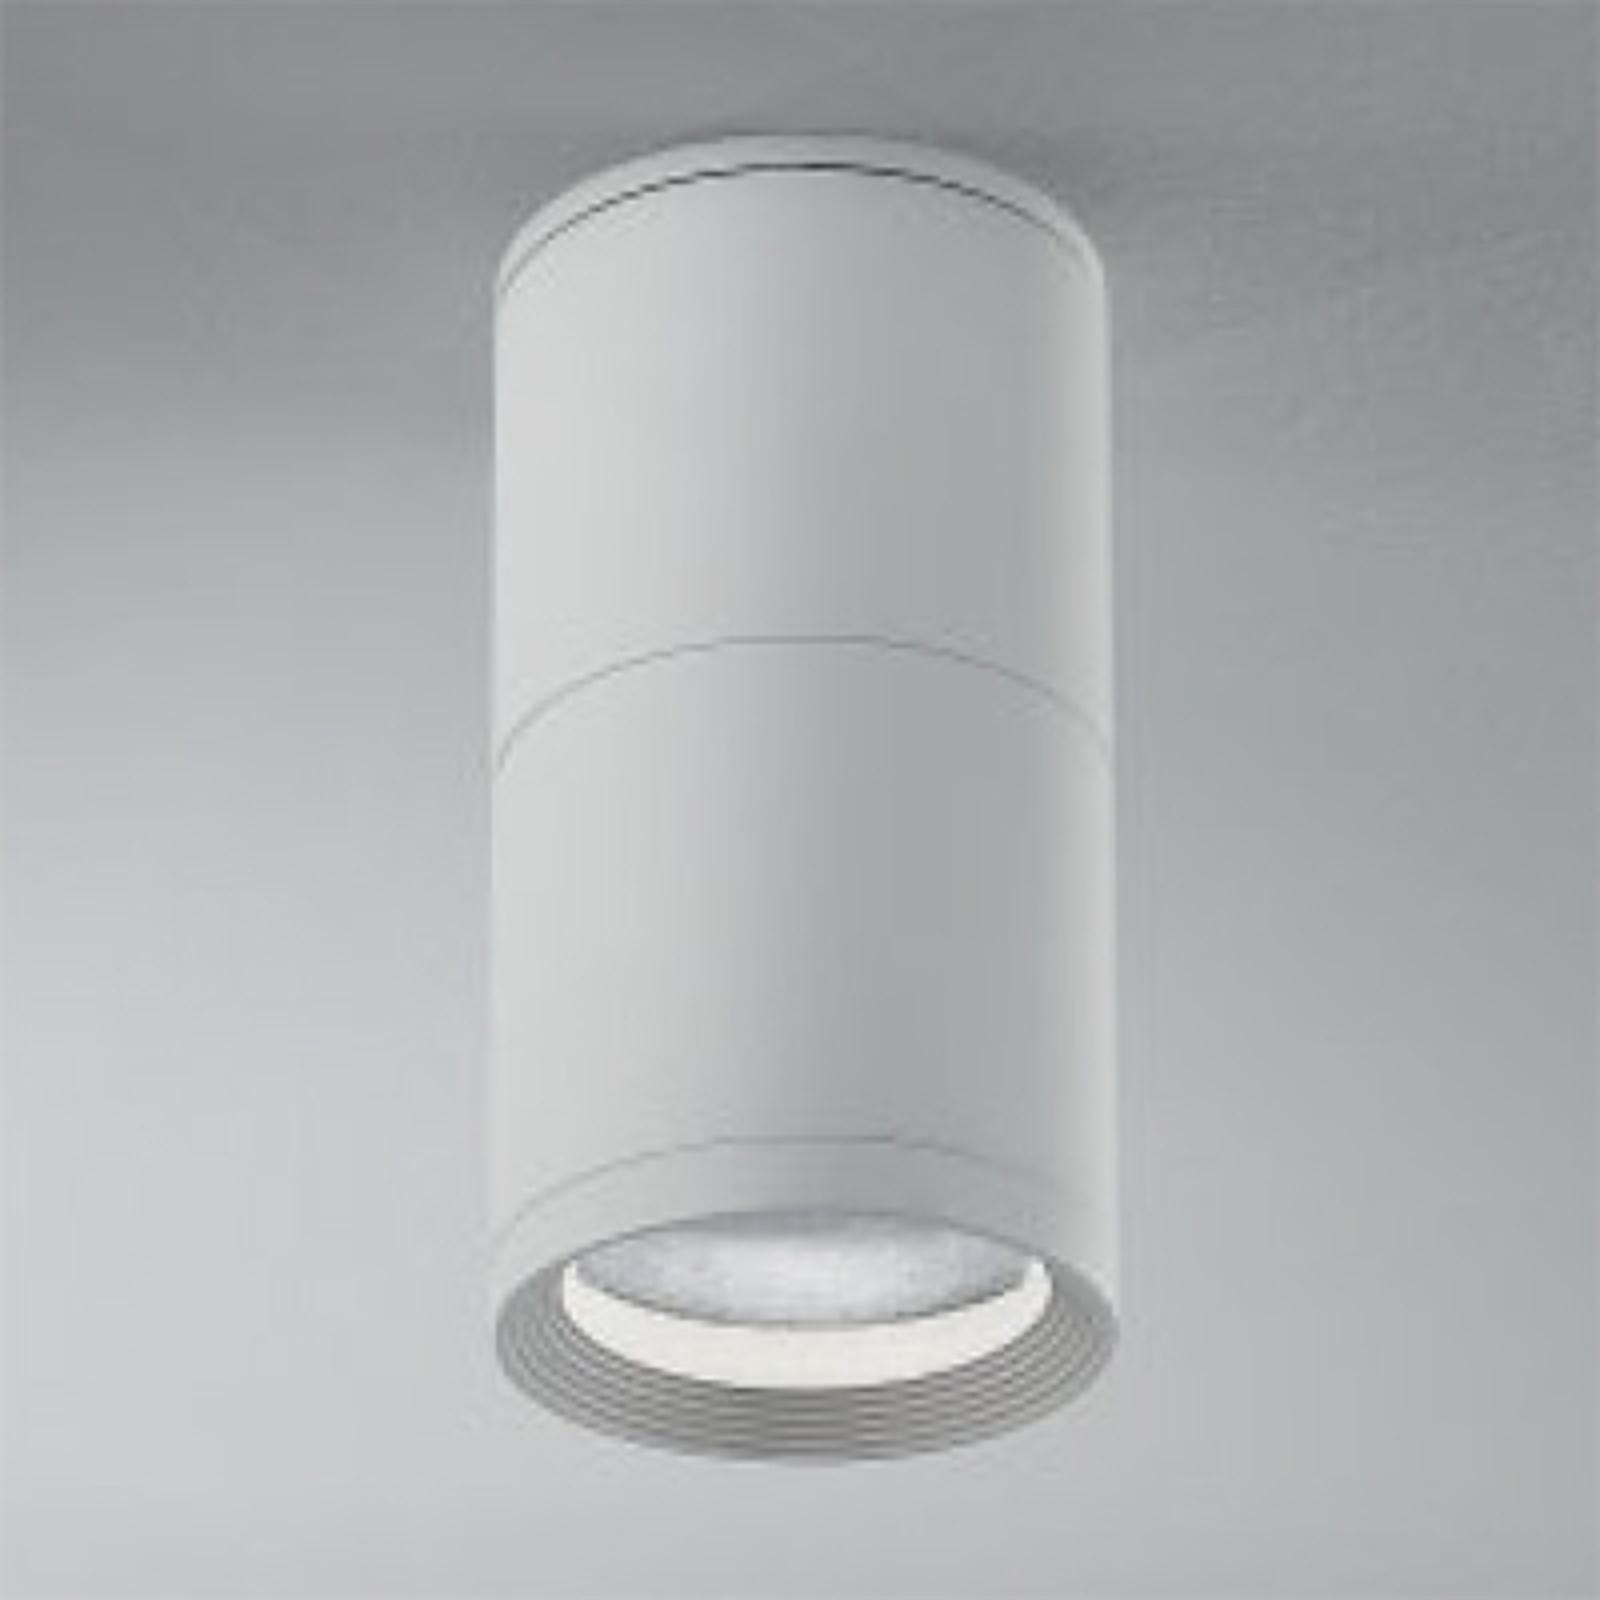 Moderní stropní reflektor CL 15 bílá